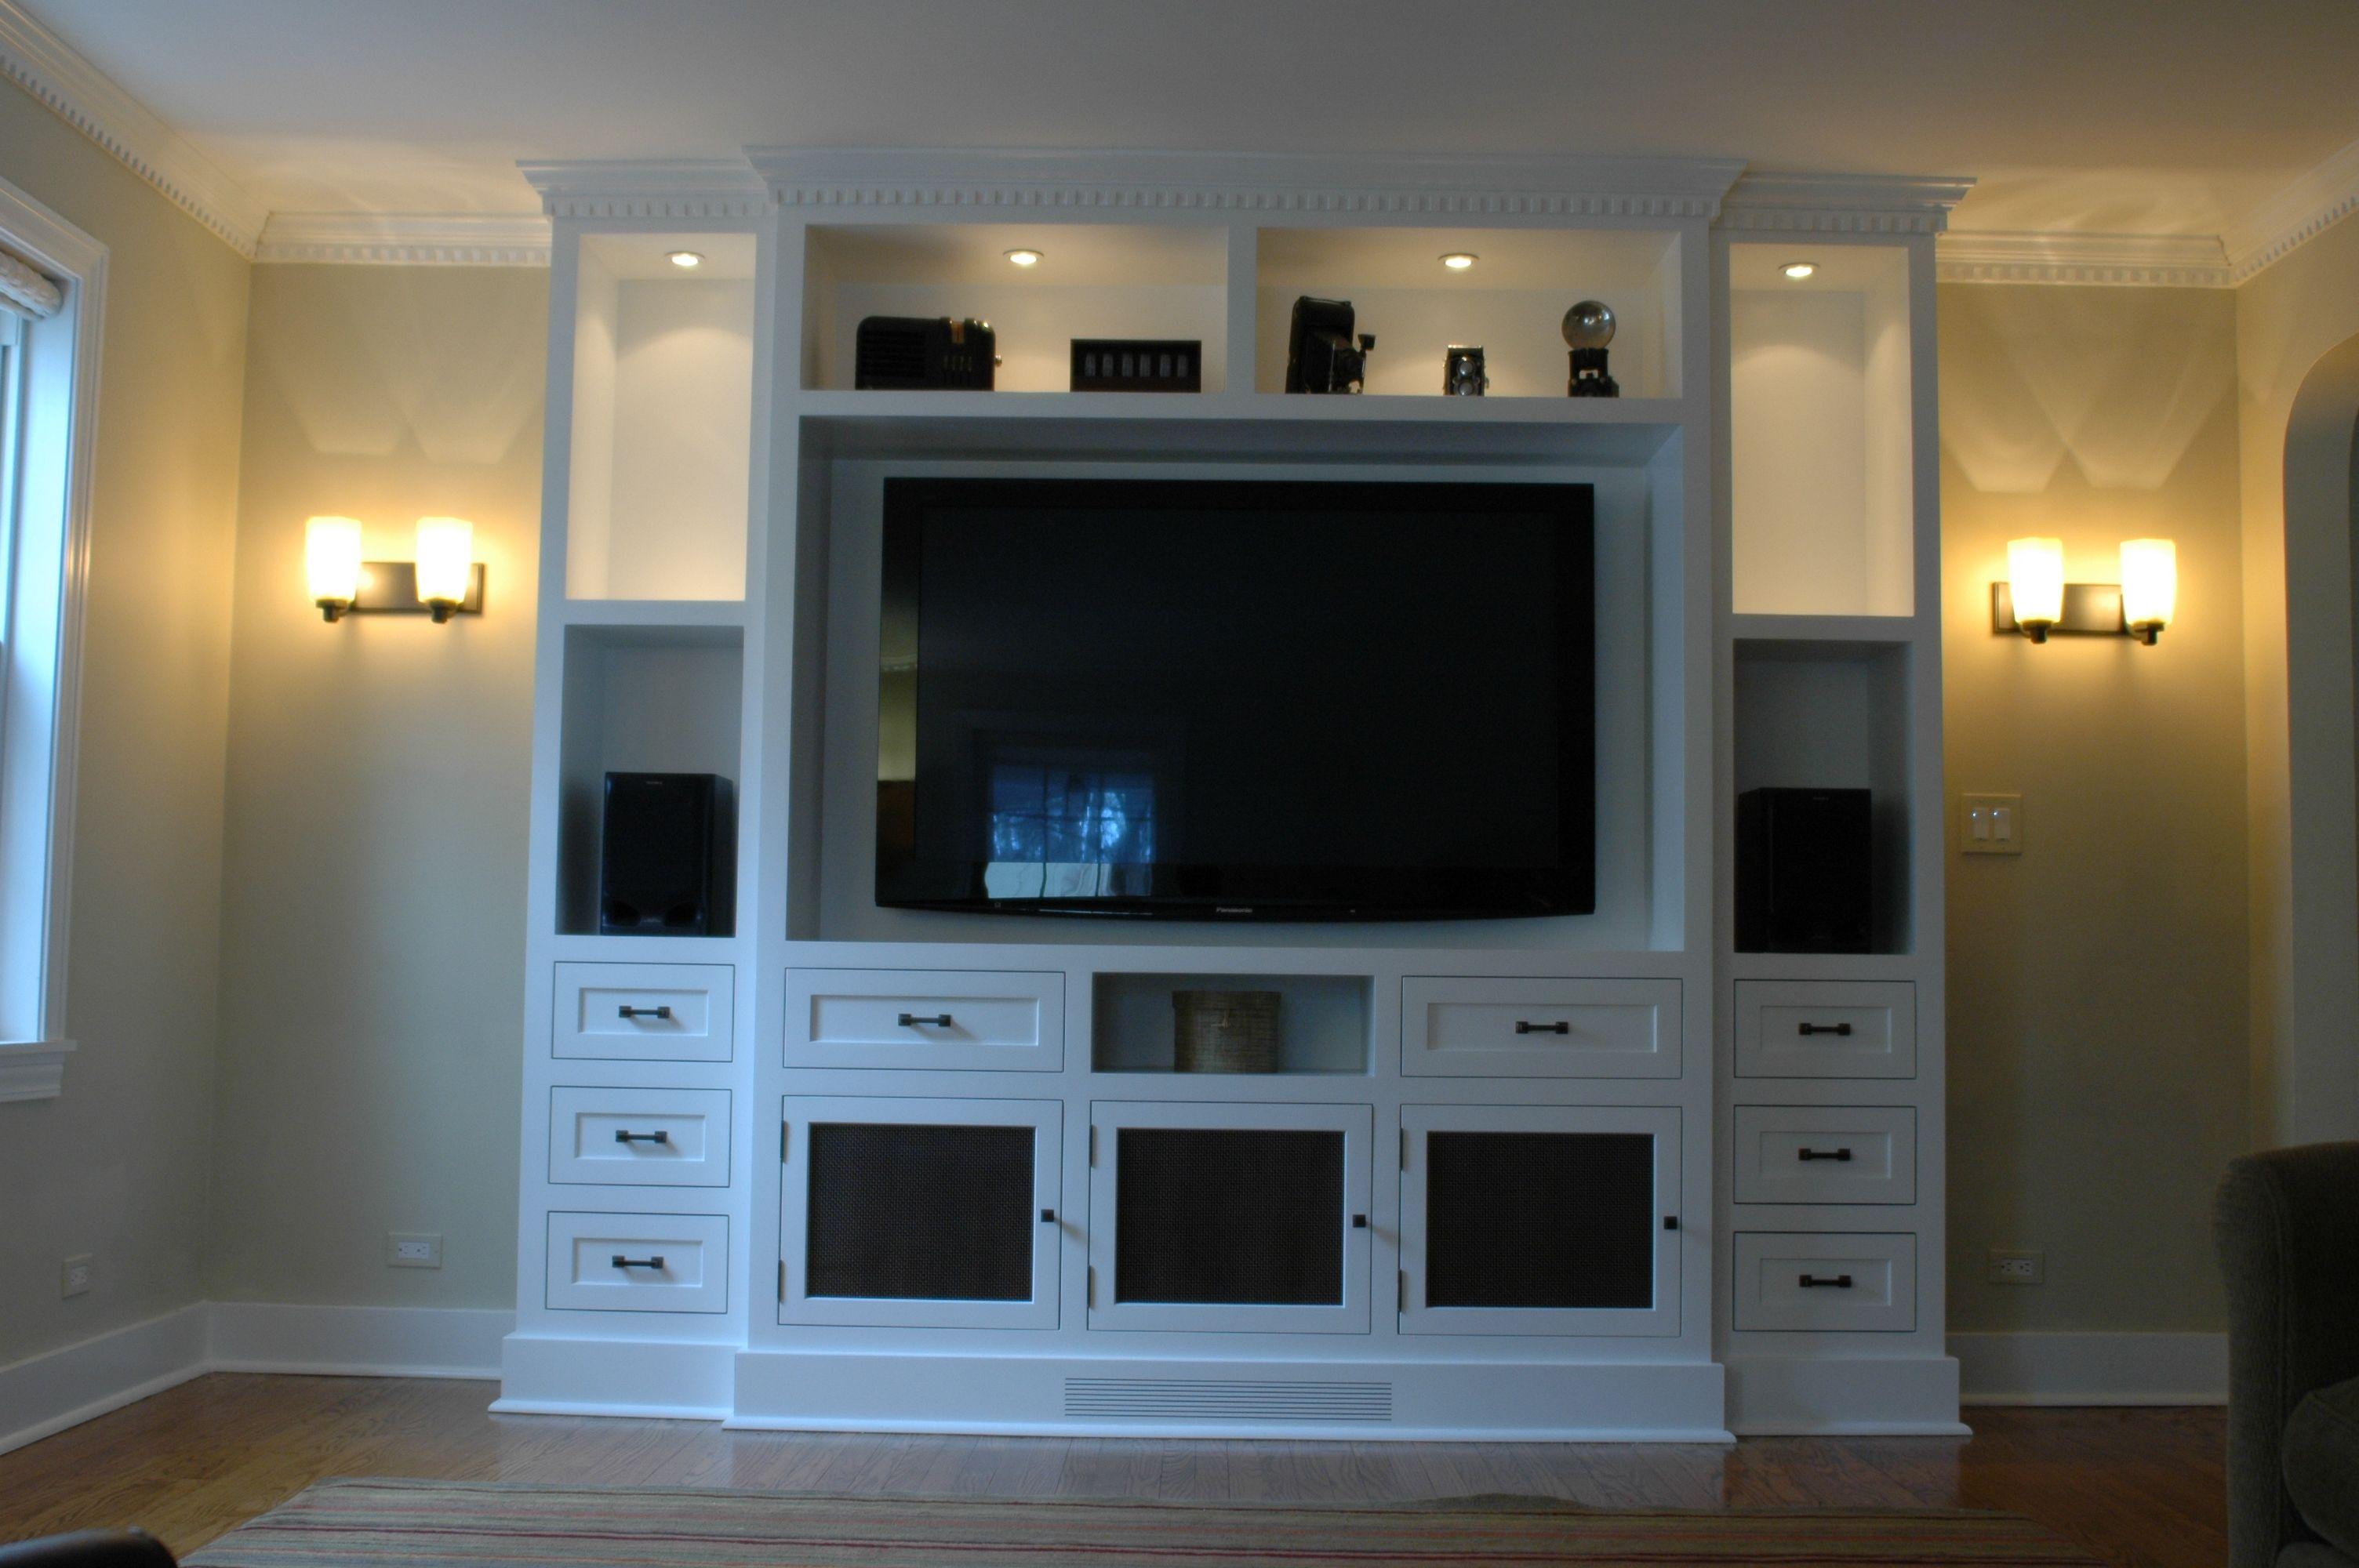 Custum Tv Built In Customer Images